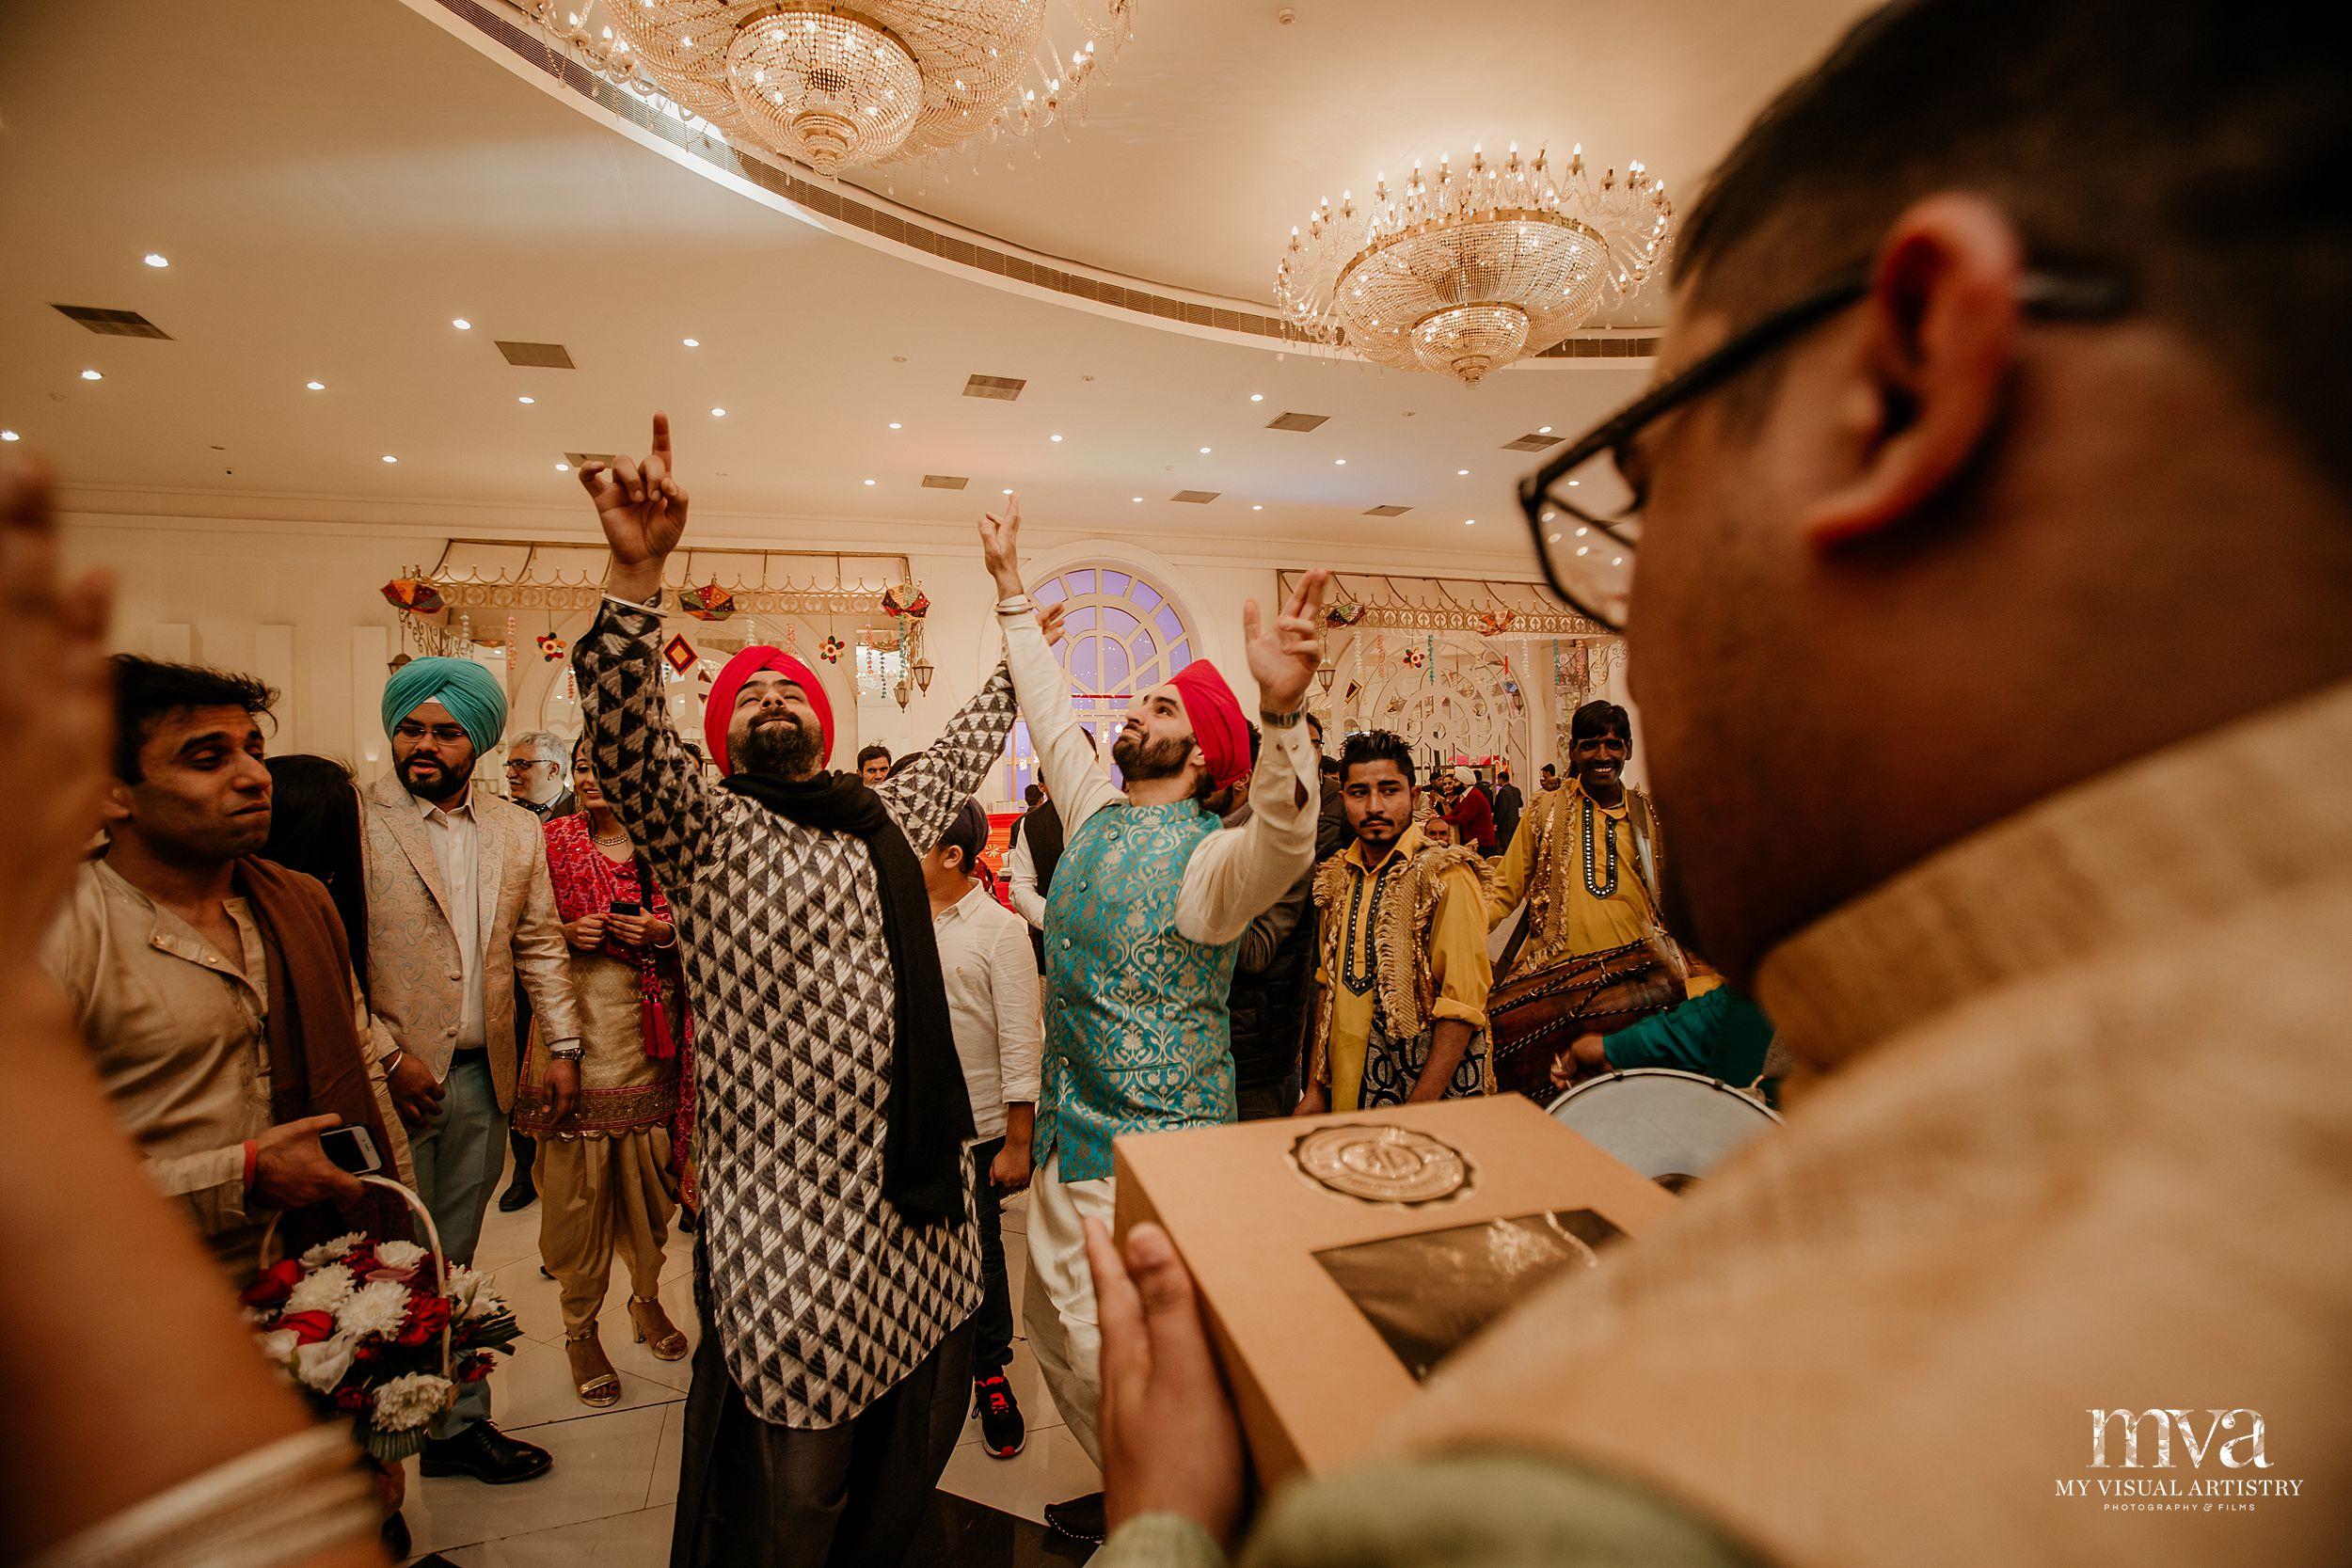 anant_arundhati_myvisualartistry_mva_wedding_sikh_ - 098.jpg